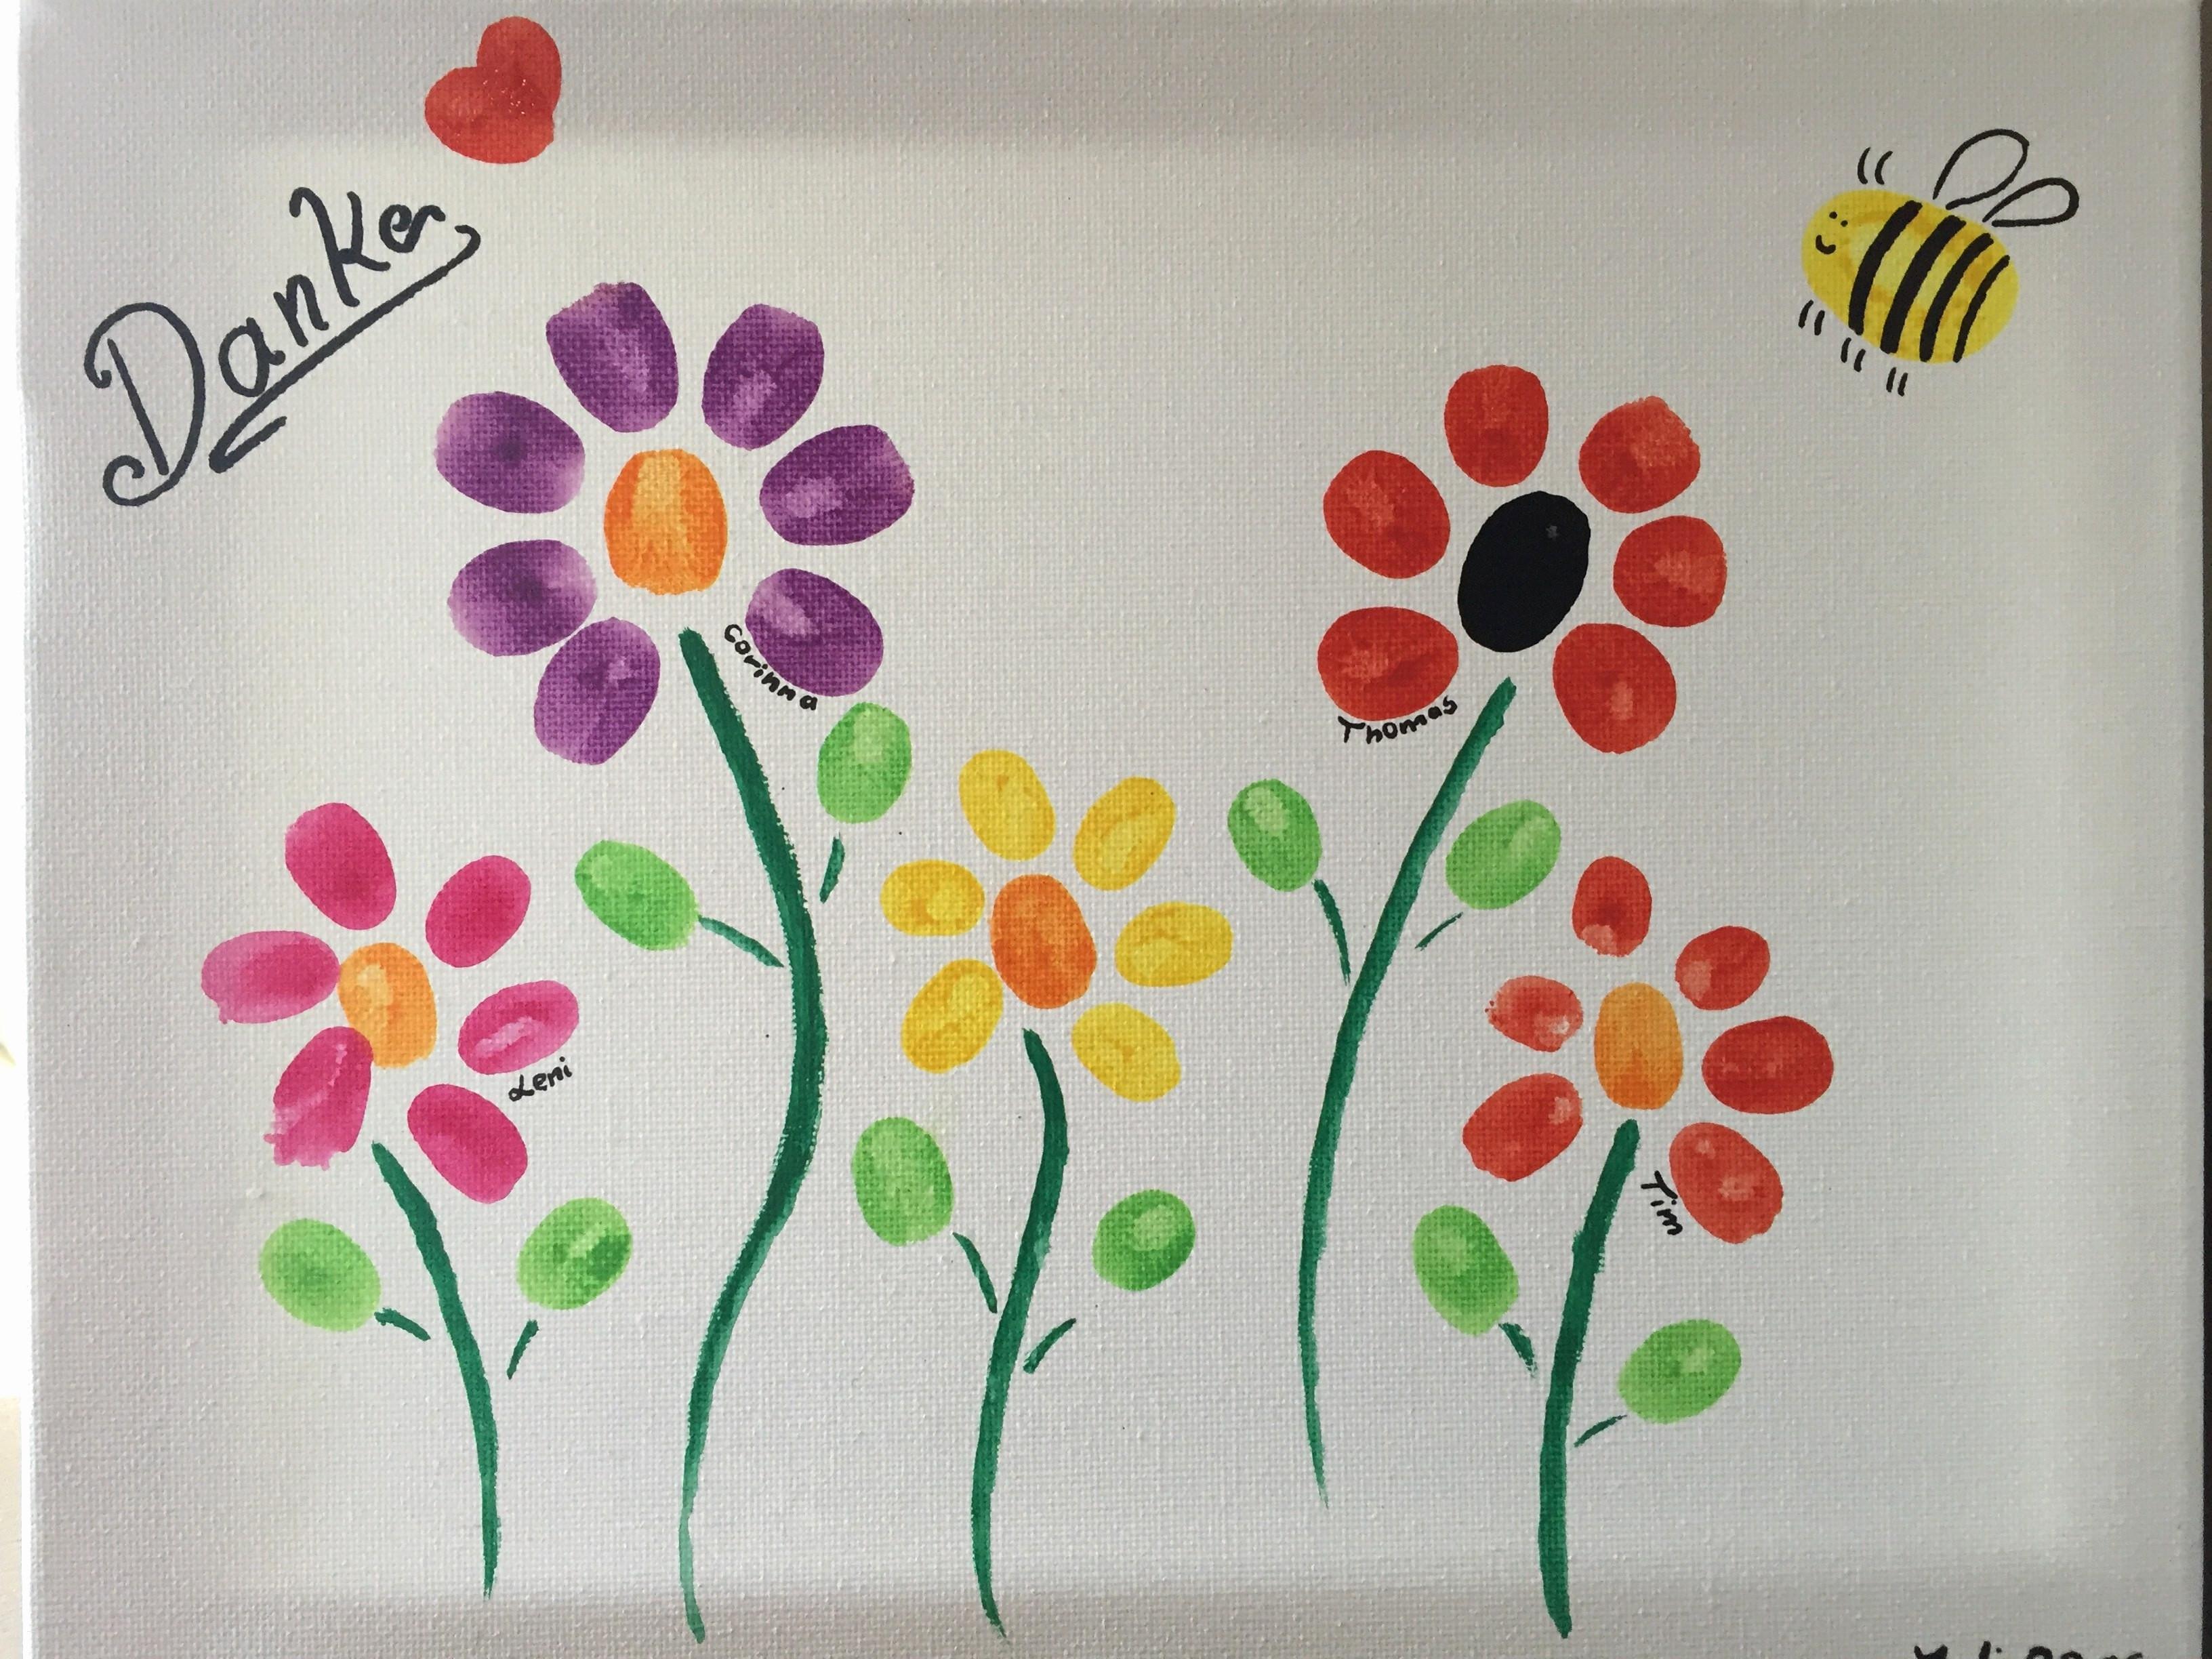 Coole Ausmalbilder Zum Ausdrucken Inspirierend Blumen Bilder Zum Ausdrucken Best 13 Best Blumen Ausmalbilder Fotos